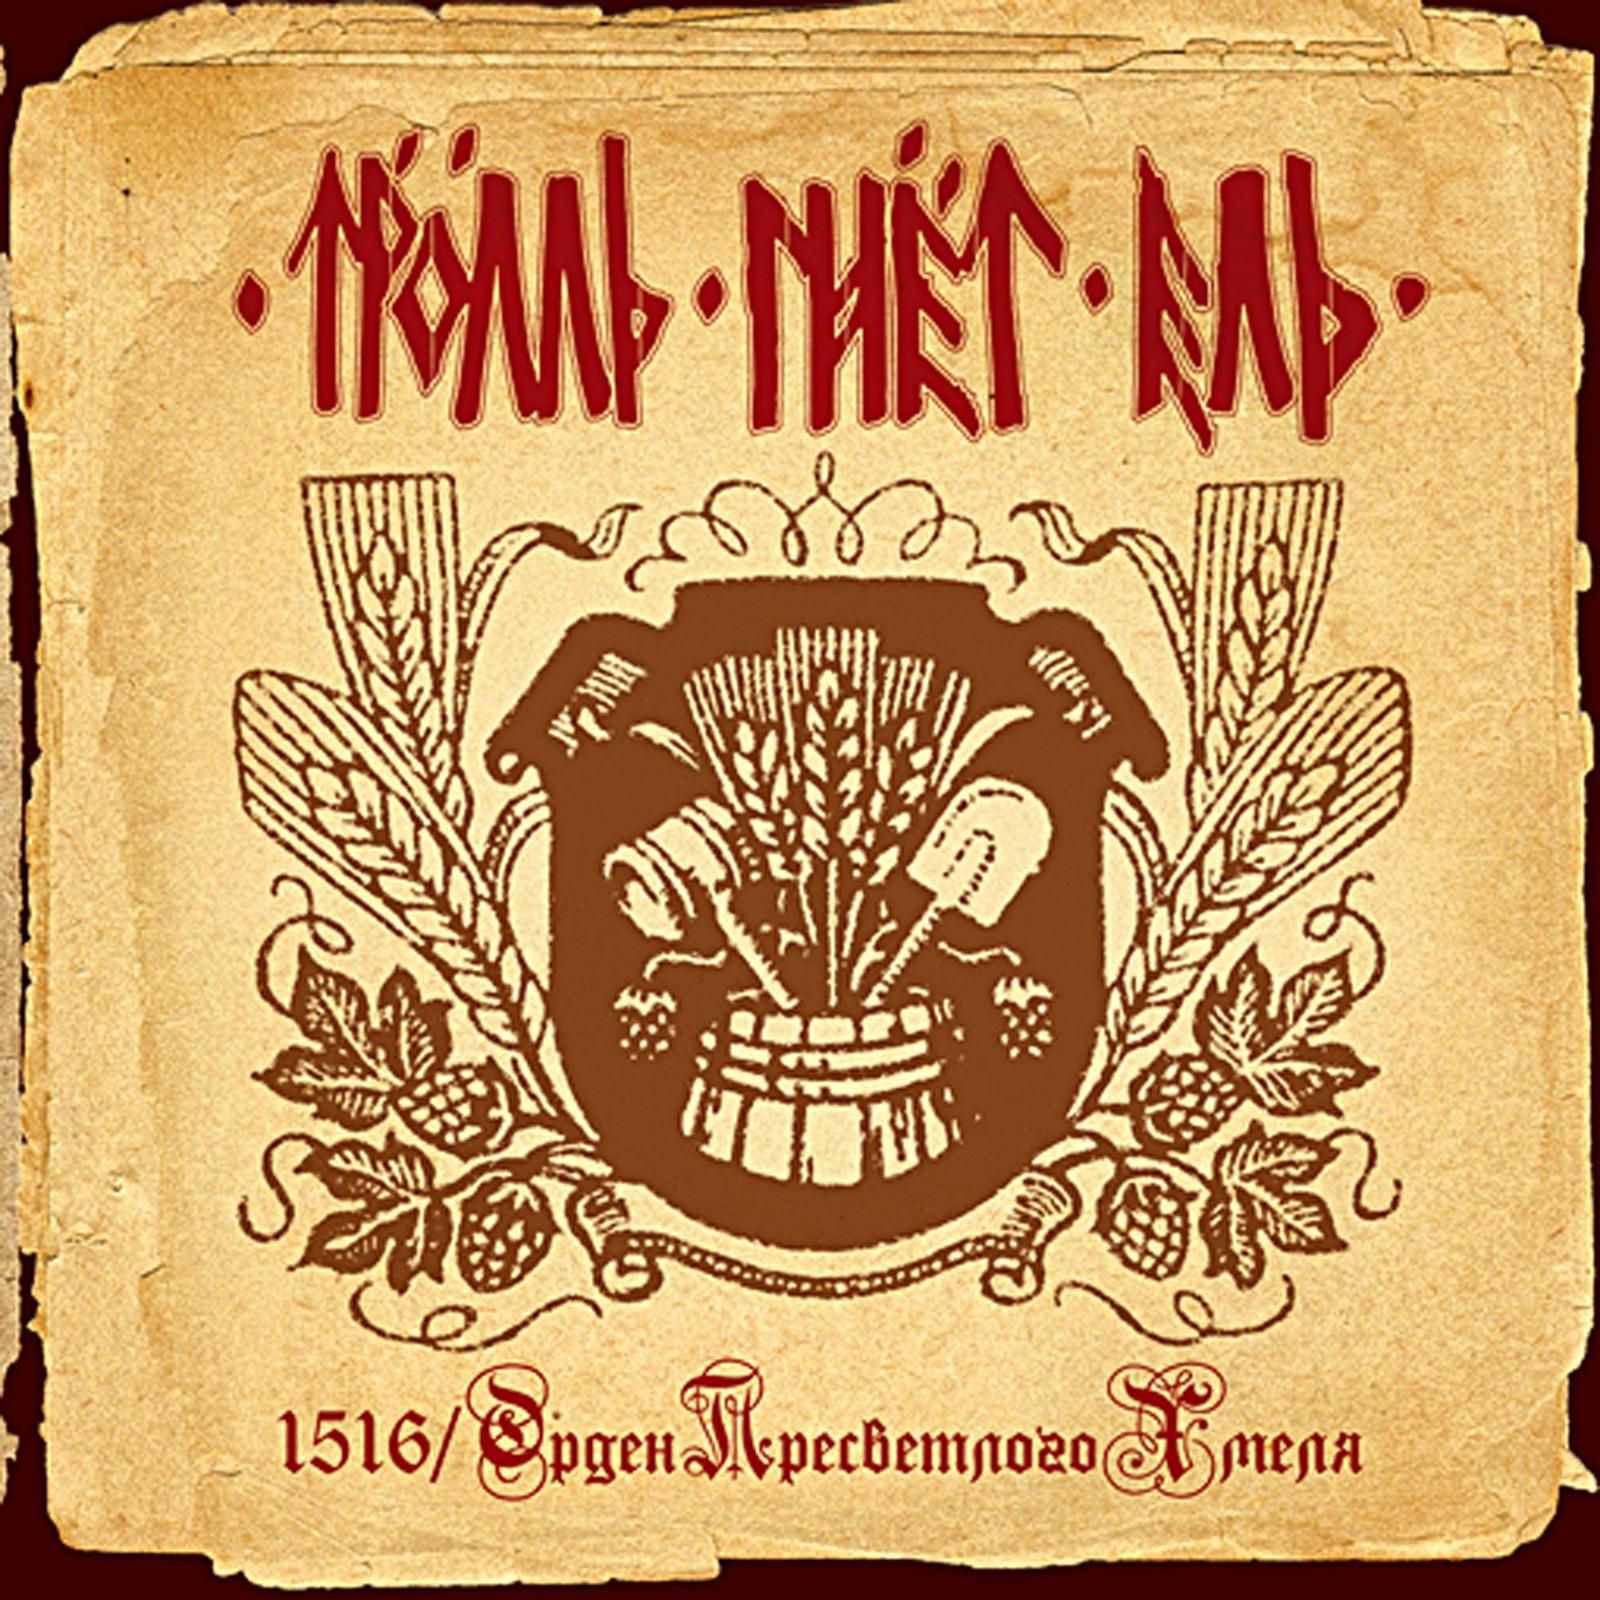 Тролль Гнёт Ель album 1516 / Орден Пресветлого Хмеля